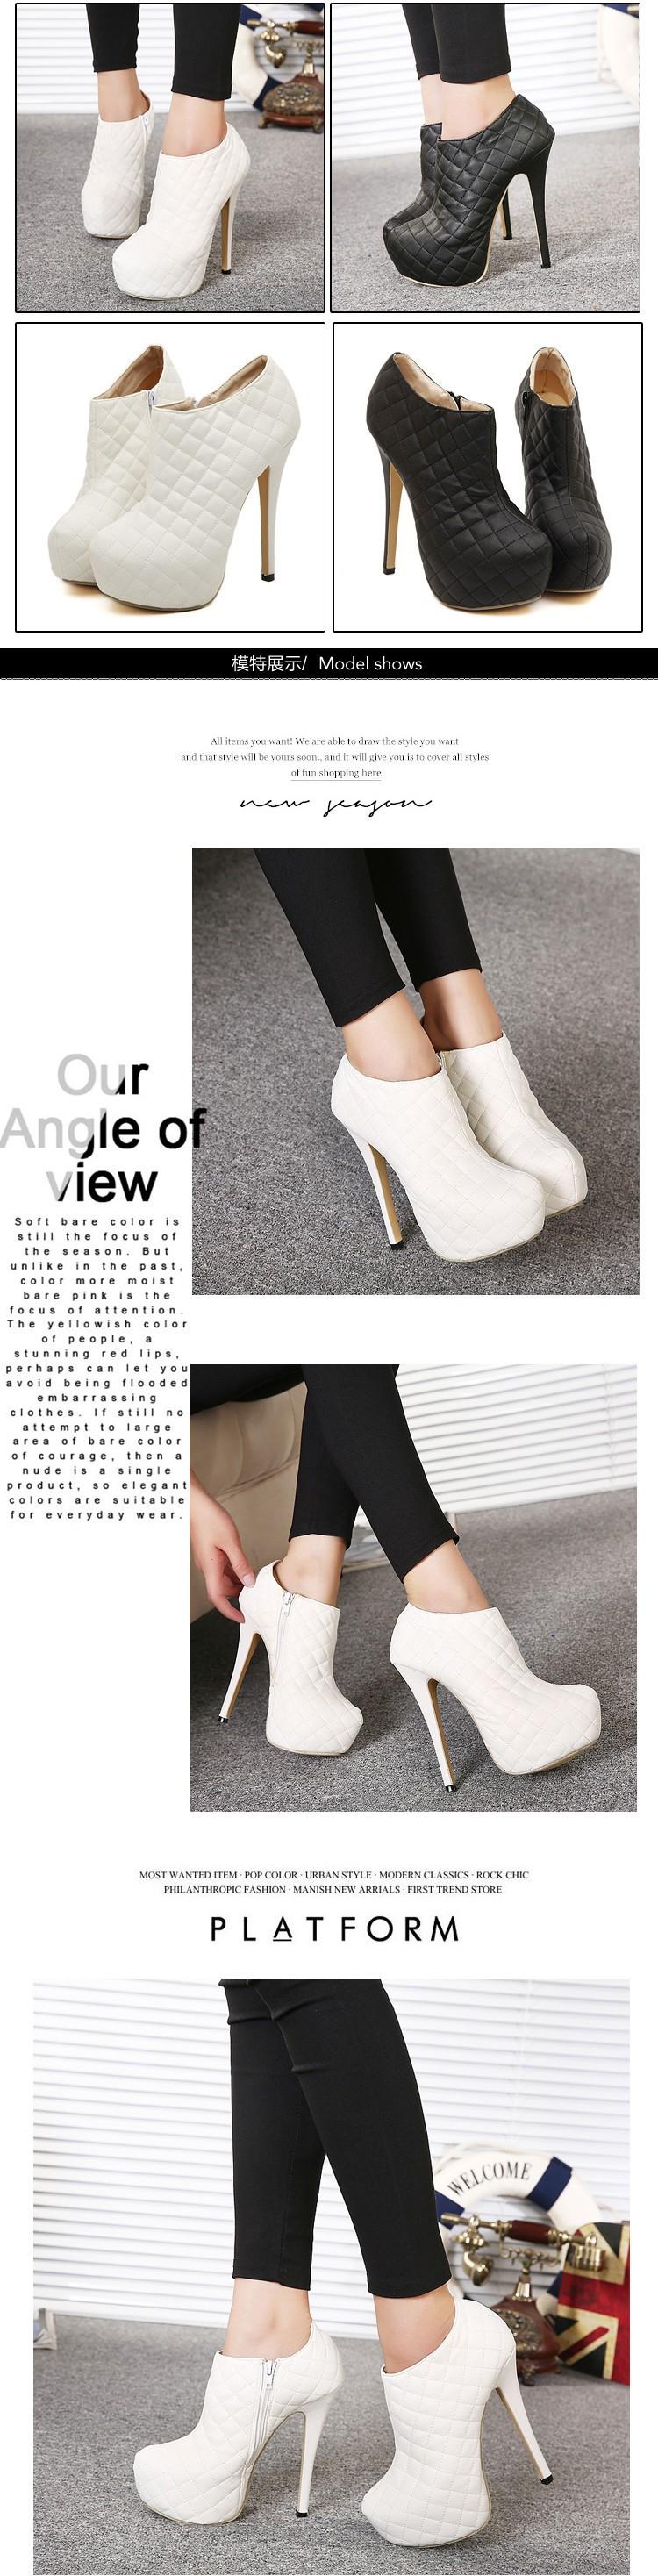 2284cdba54 Moda de nova mulheres botas brancas Vogue partido sapatos bomba ...